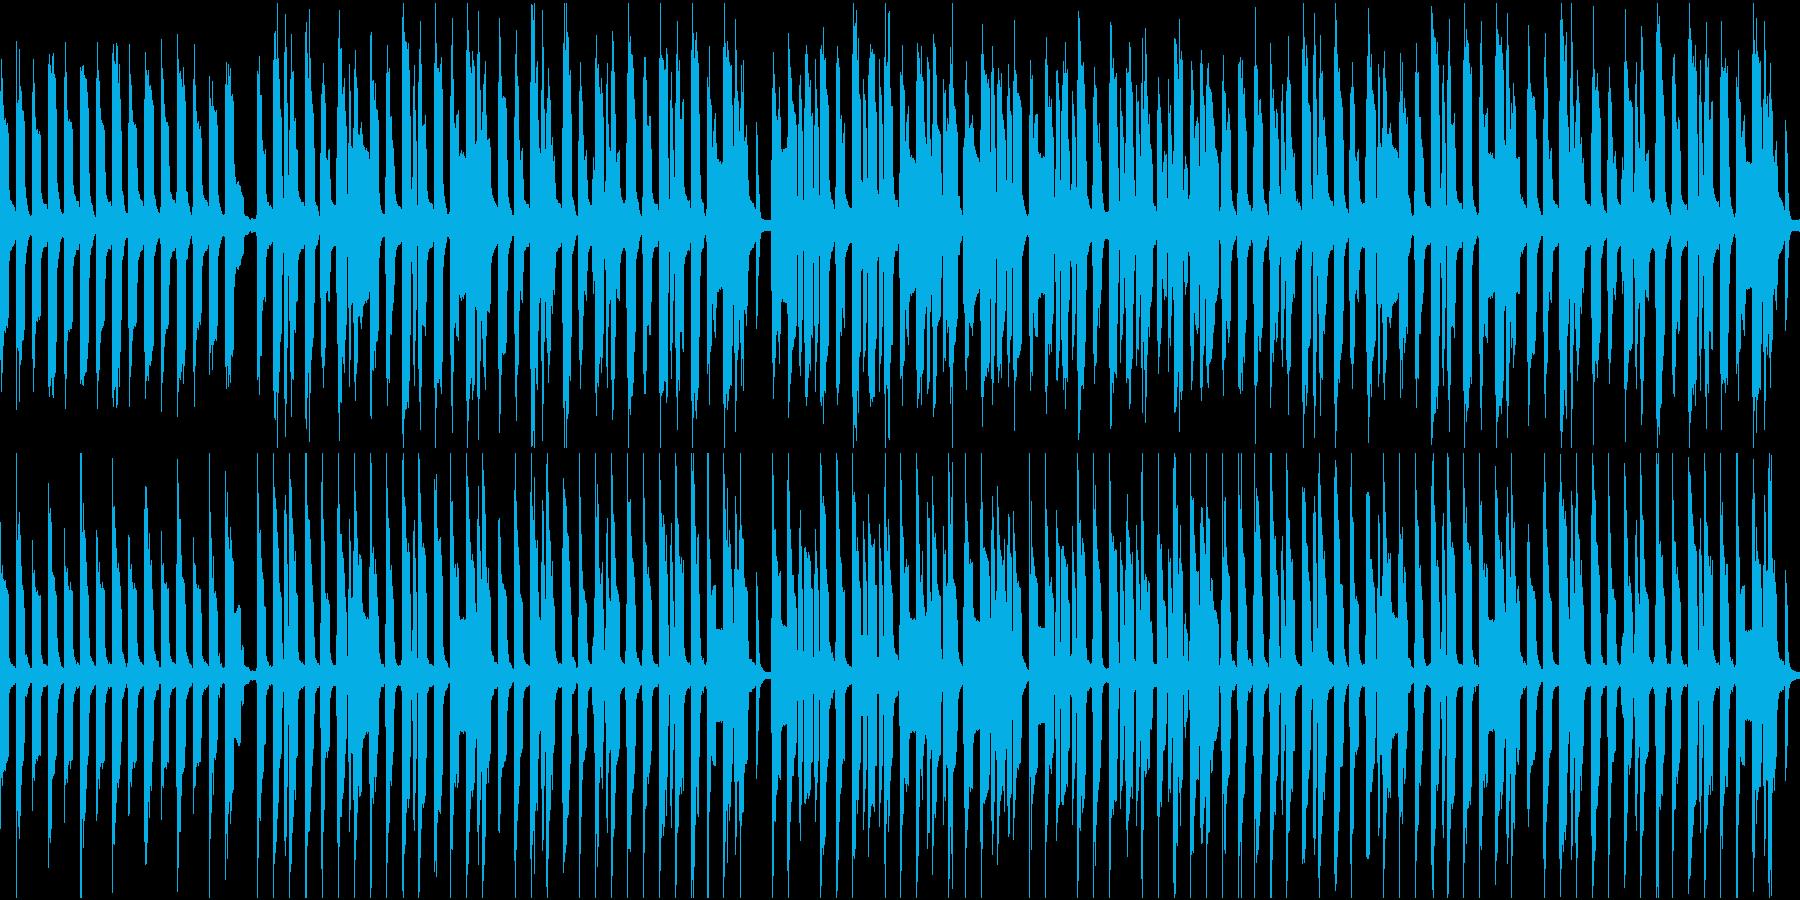 脱力系でほのぼのしたBGMの再生済みの波形